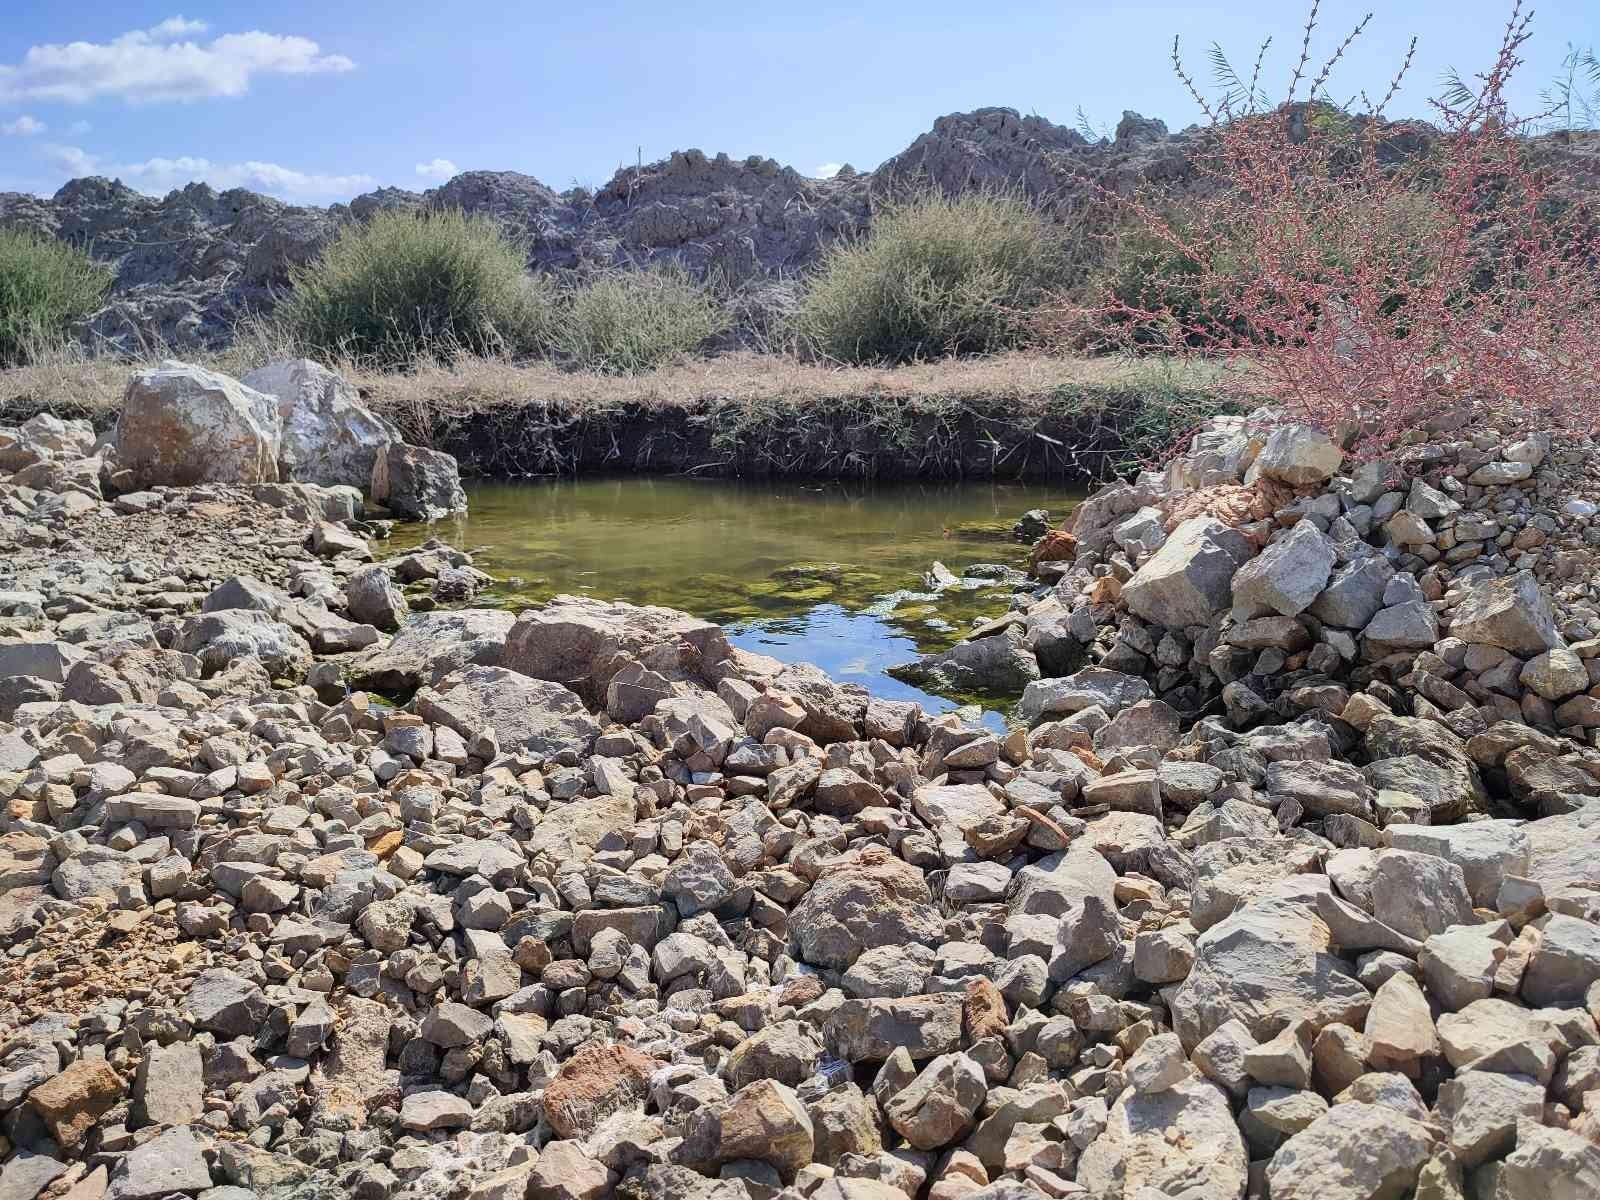 Kuş cenneti moloz yığını ile kirletilmeye devam ediyor